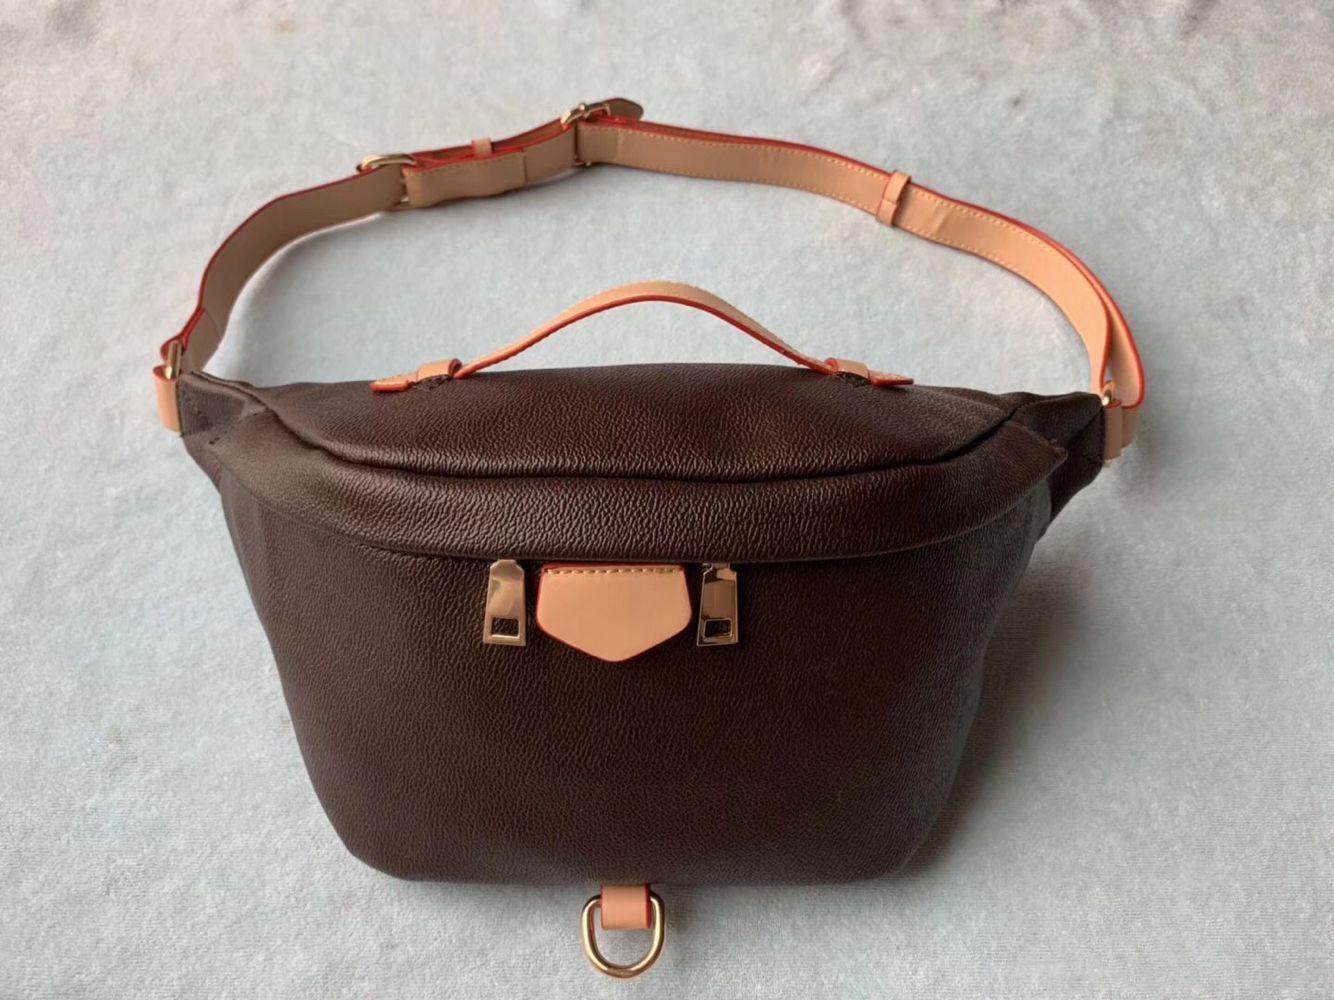 Горячая мода Дамы Джиунтир Шикал через сумку на плечо Женщины Смотреть Классическое покрытие Повседневная Bumbag Crossbody Uber-Functional Продам сумку Пояс может VGIU